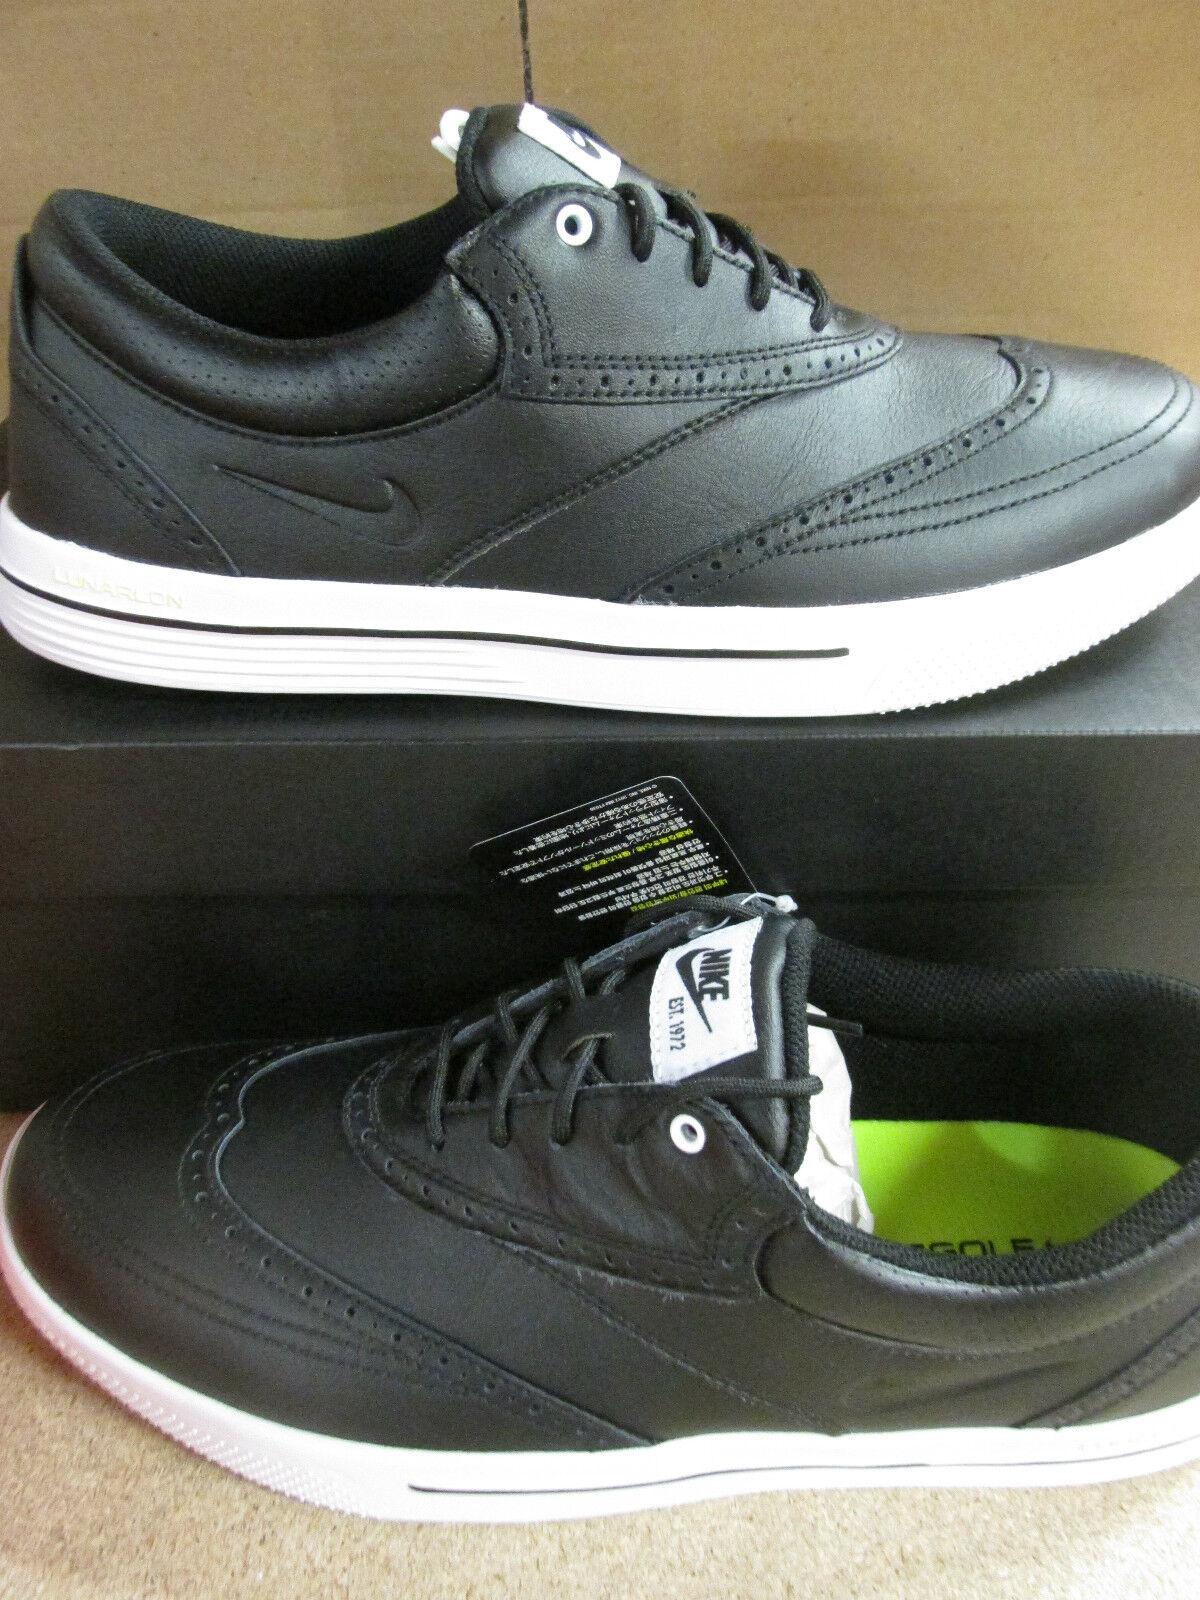 nike lunar swingtip LEA mens golf shoes 533092 001 sneakers trainers